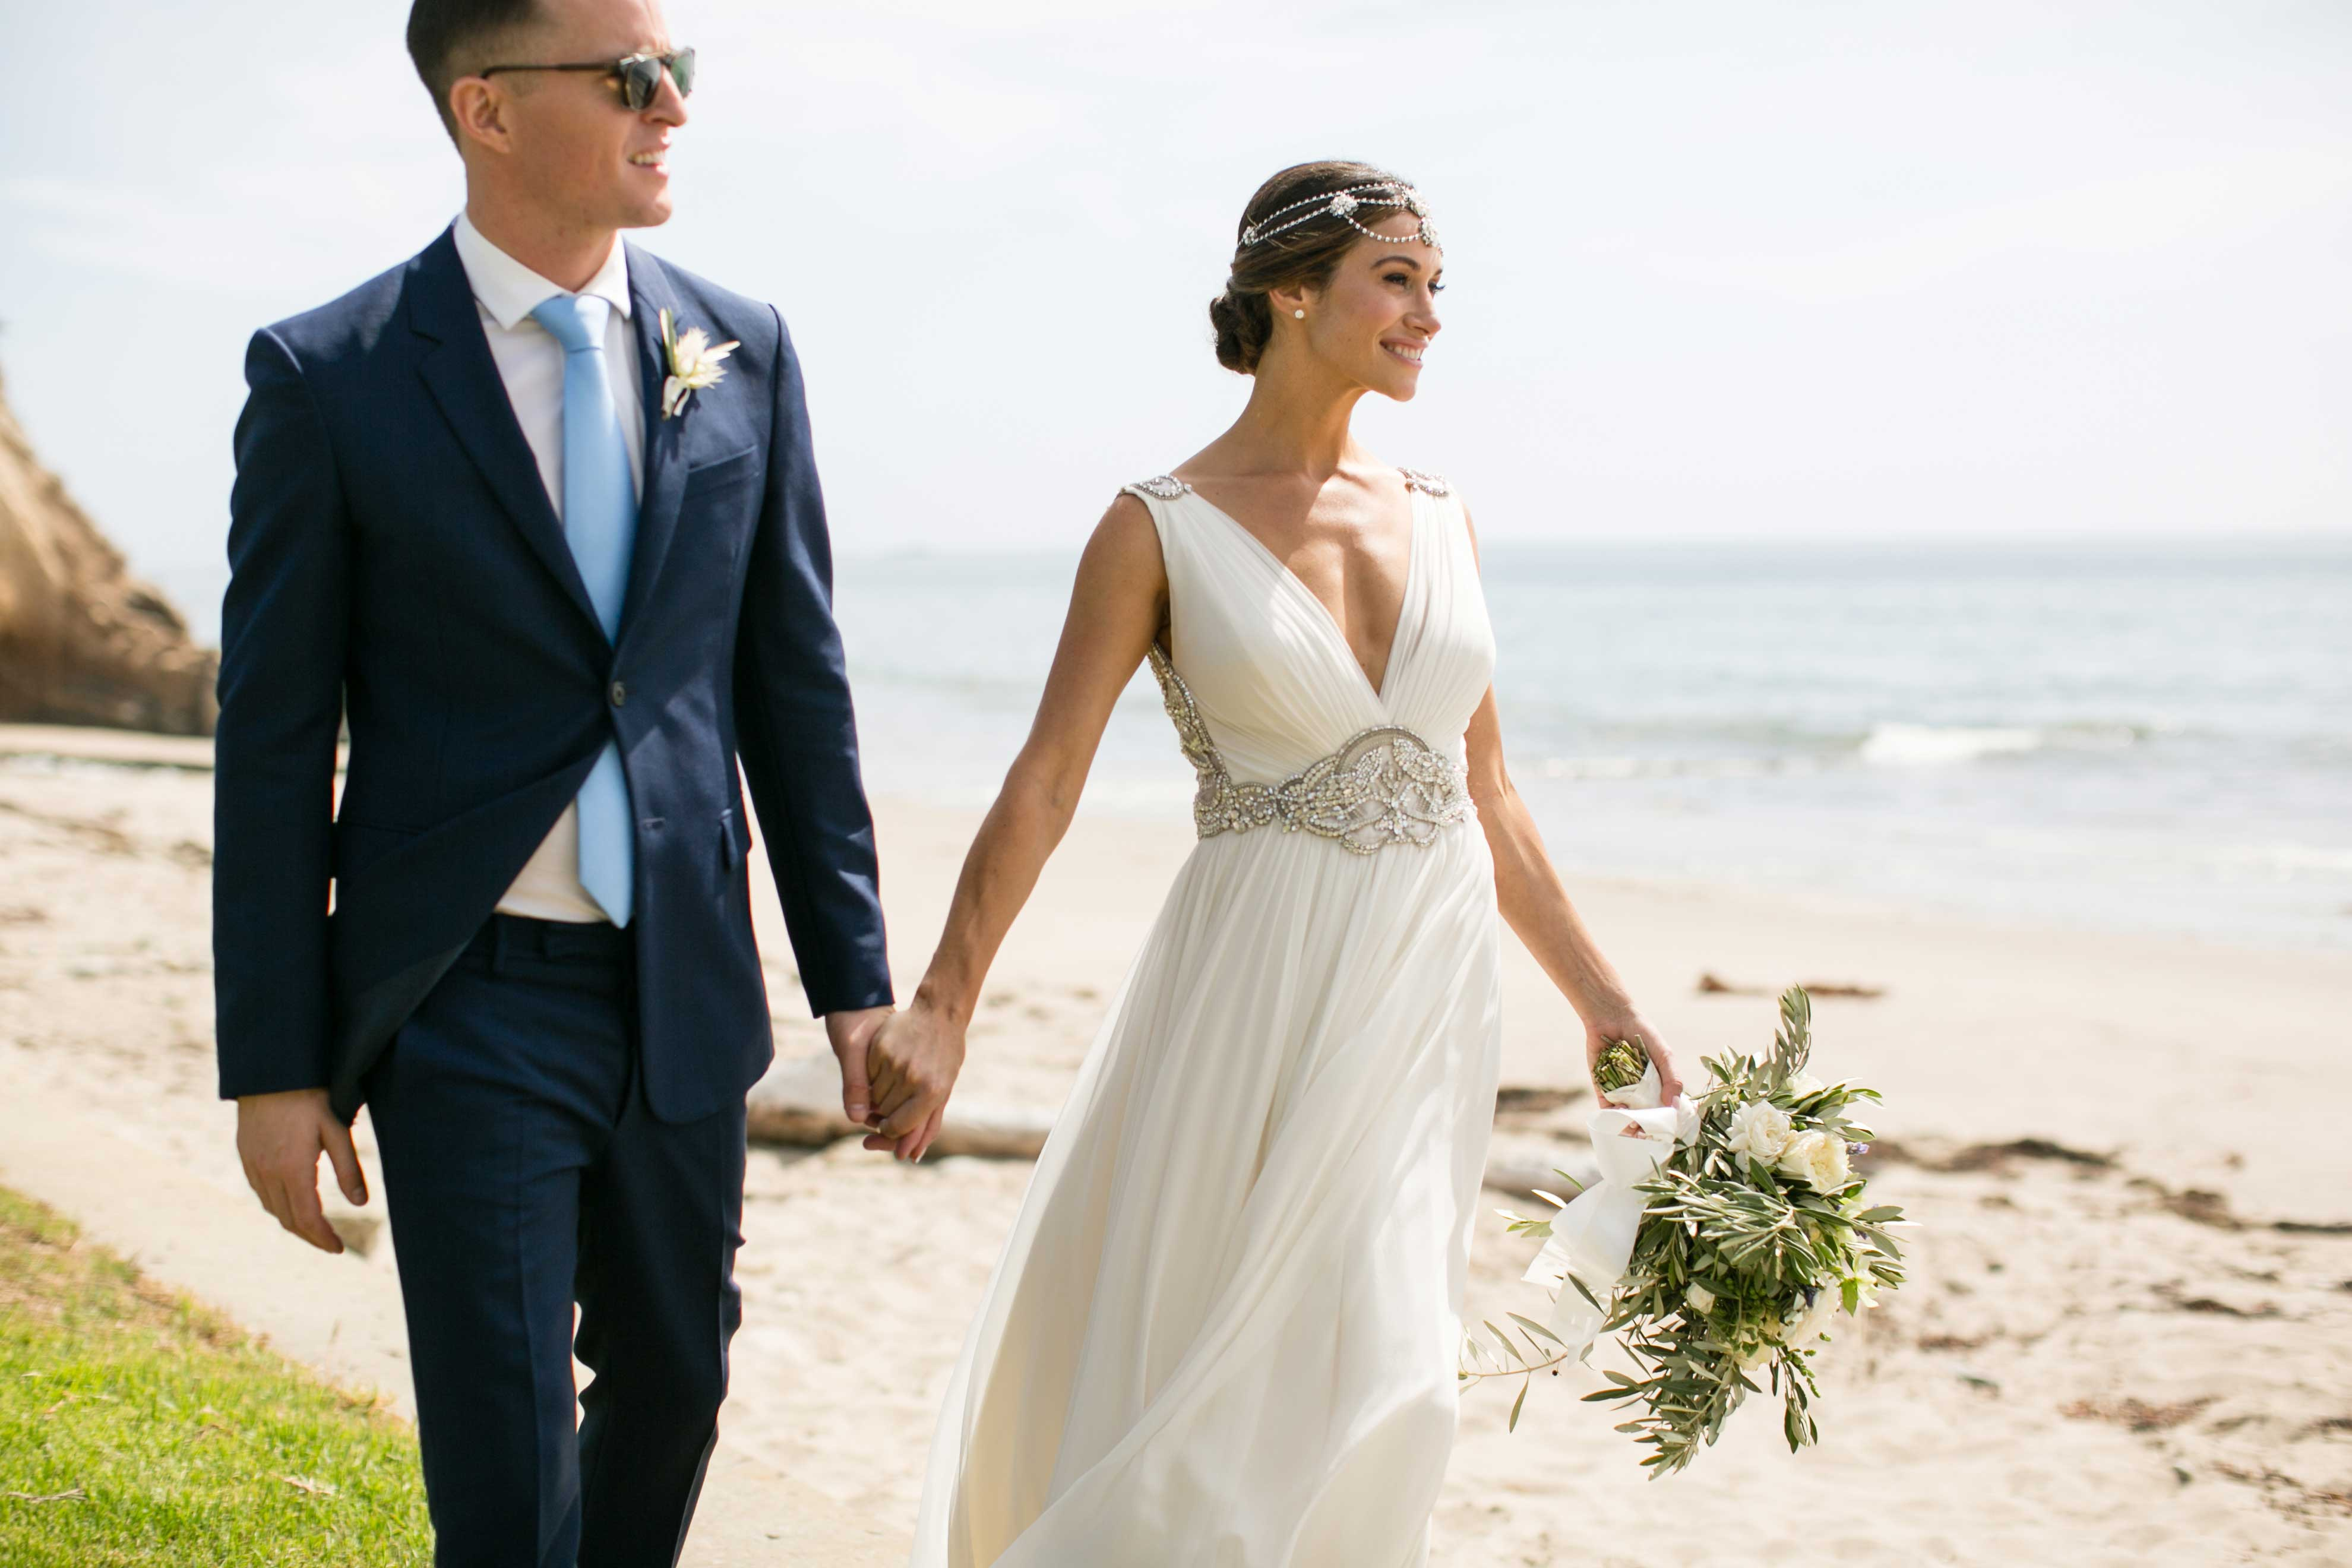 Inside Weddings fall 2016 bride in sheath dress with headpiece groom in navy blue suit